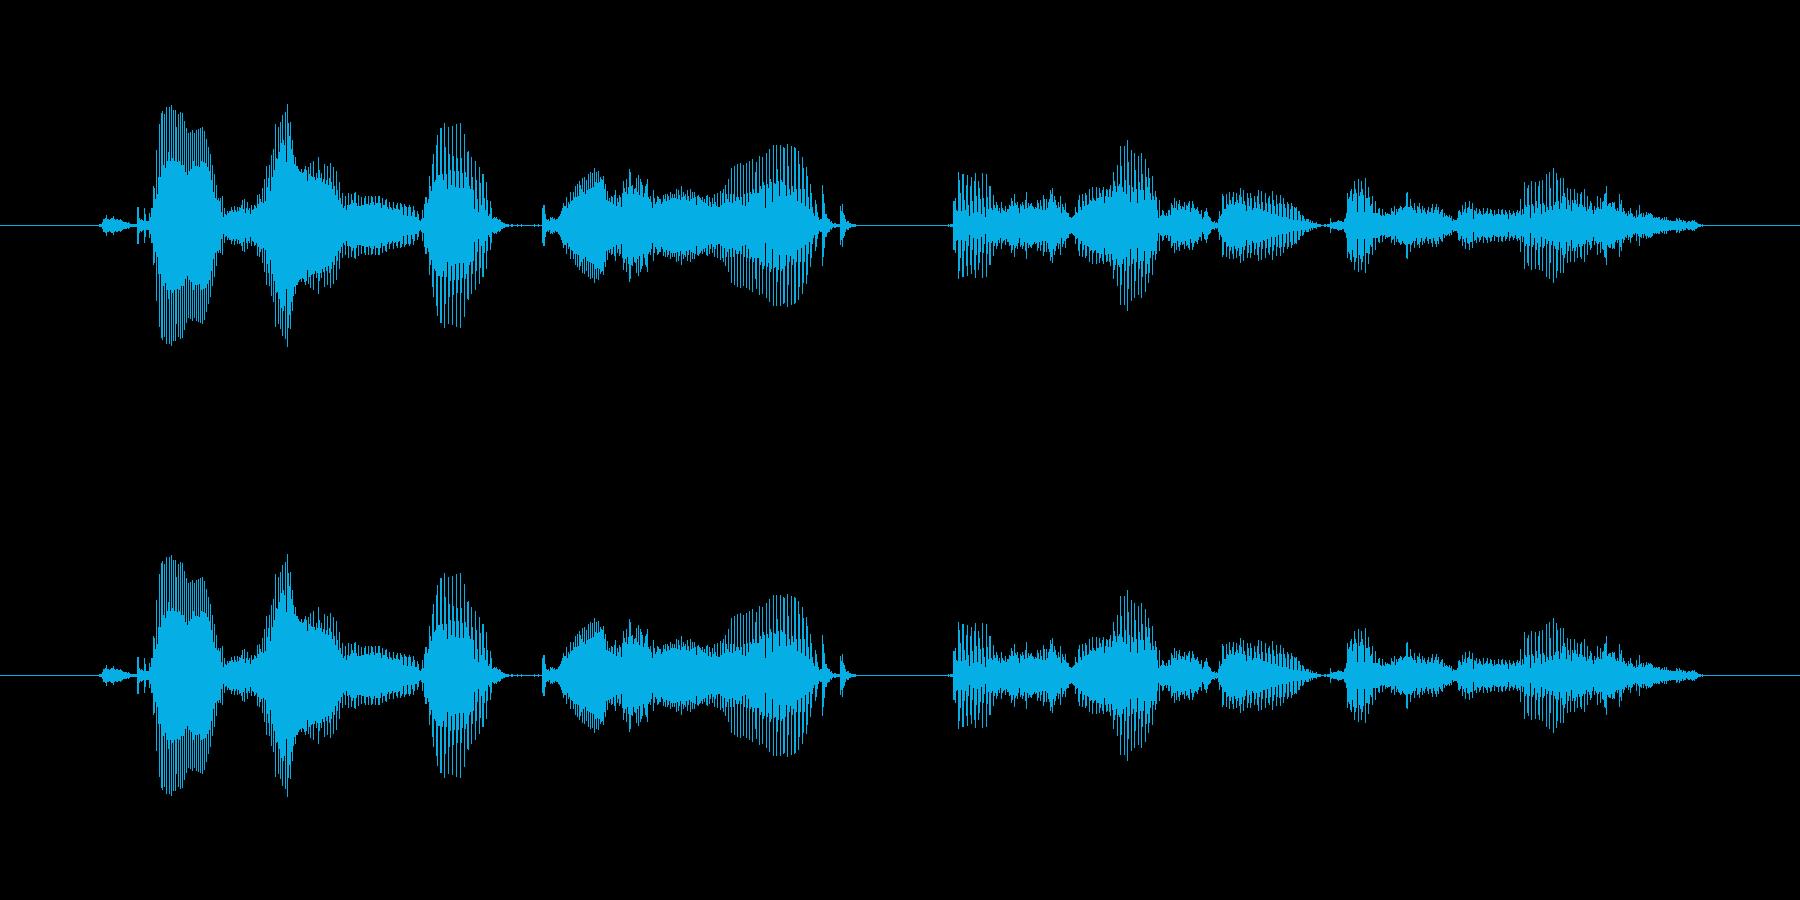 【時報・時間】午前6時を、お知らせいた…の再生済みの波形